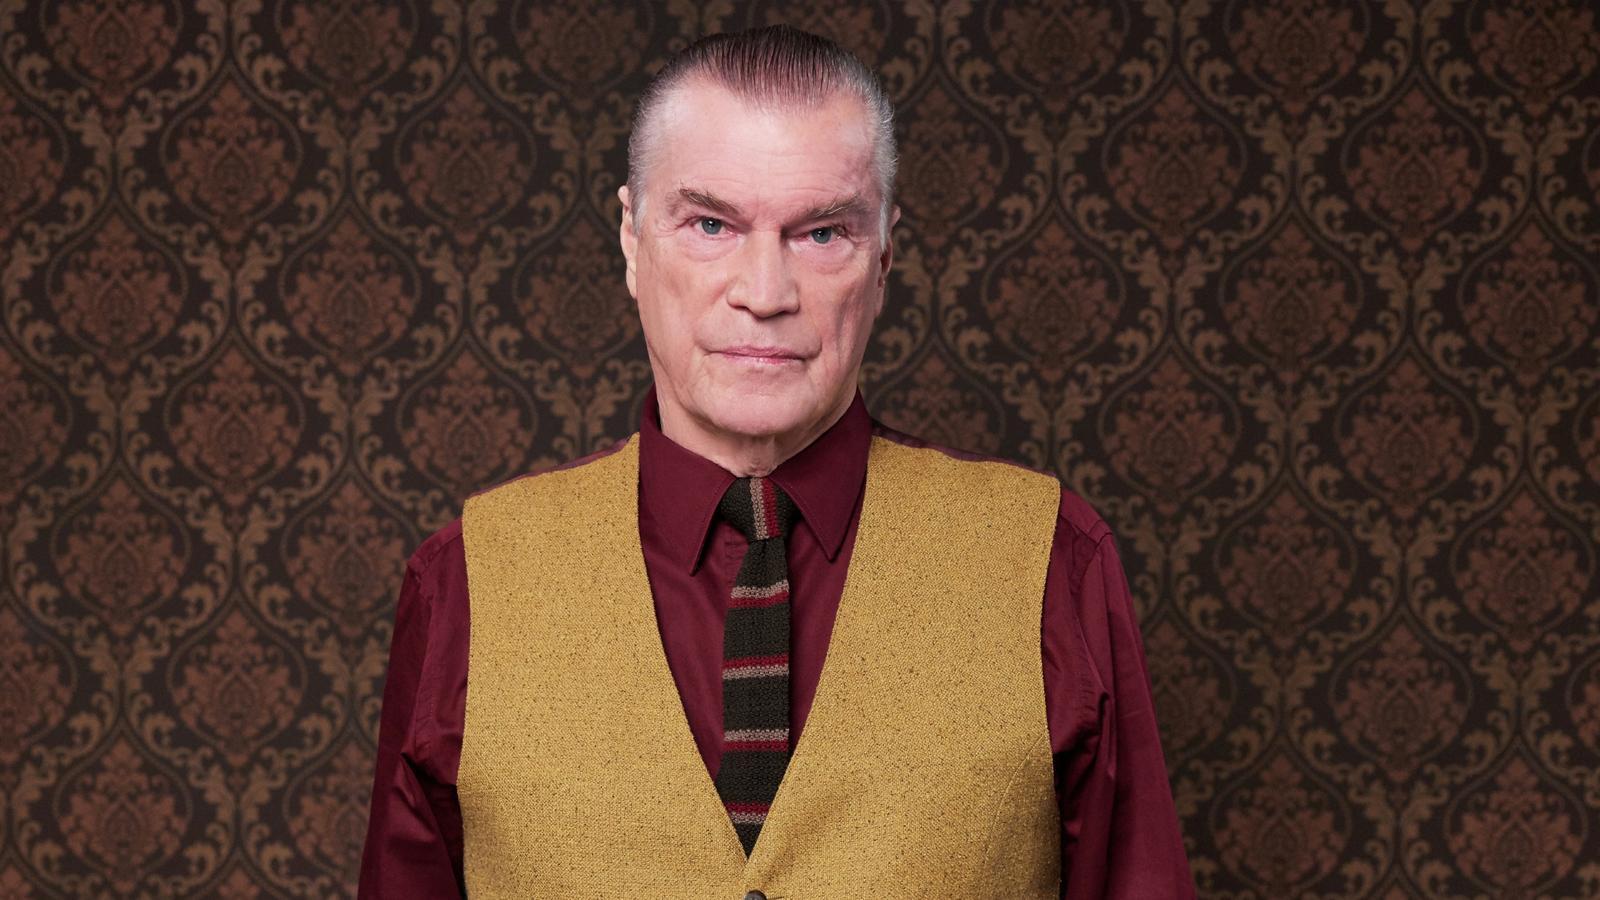 Jochen Busse spielt in der RTL-Comedy-Serie den Villenbesitzer Helmut Kraft